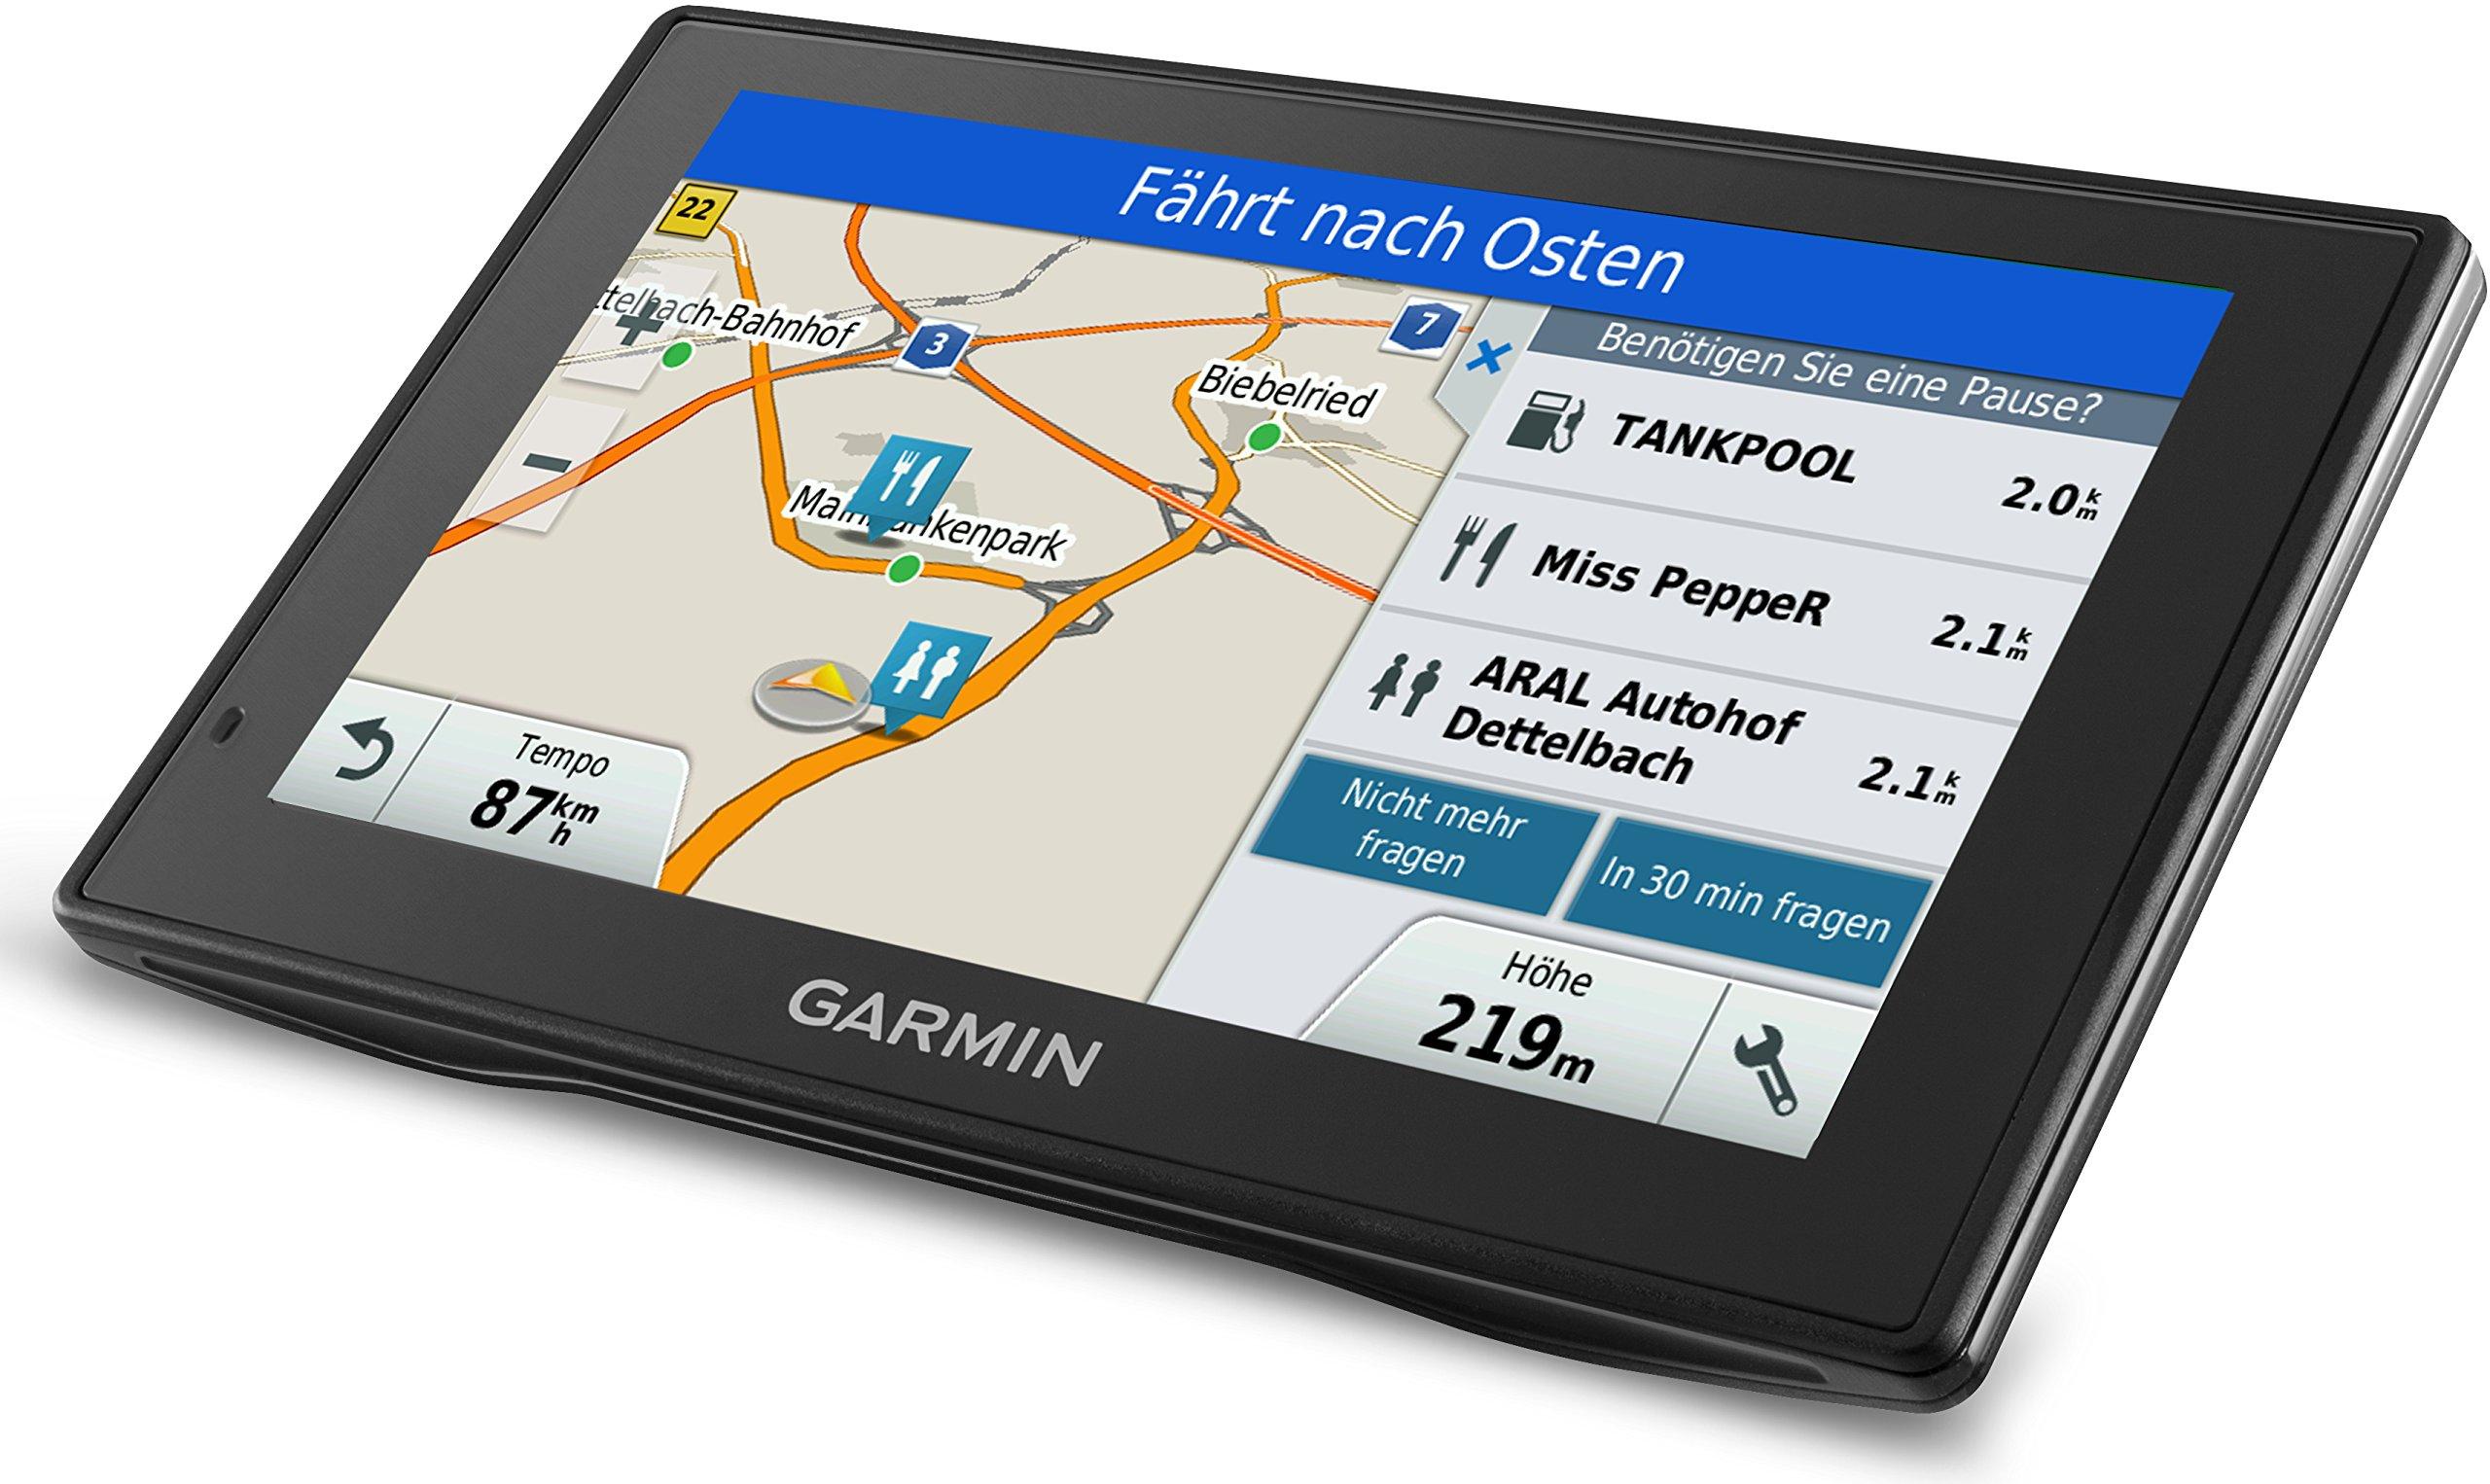 Garmin-DriveSmart-LMT-D-EU-Navigationsgert-Touch-Glasdisplay-lebenslange-Kartenupdates-Verkehrsfunklizenz-Sprachsteuerung